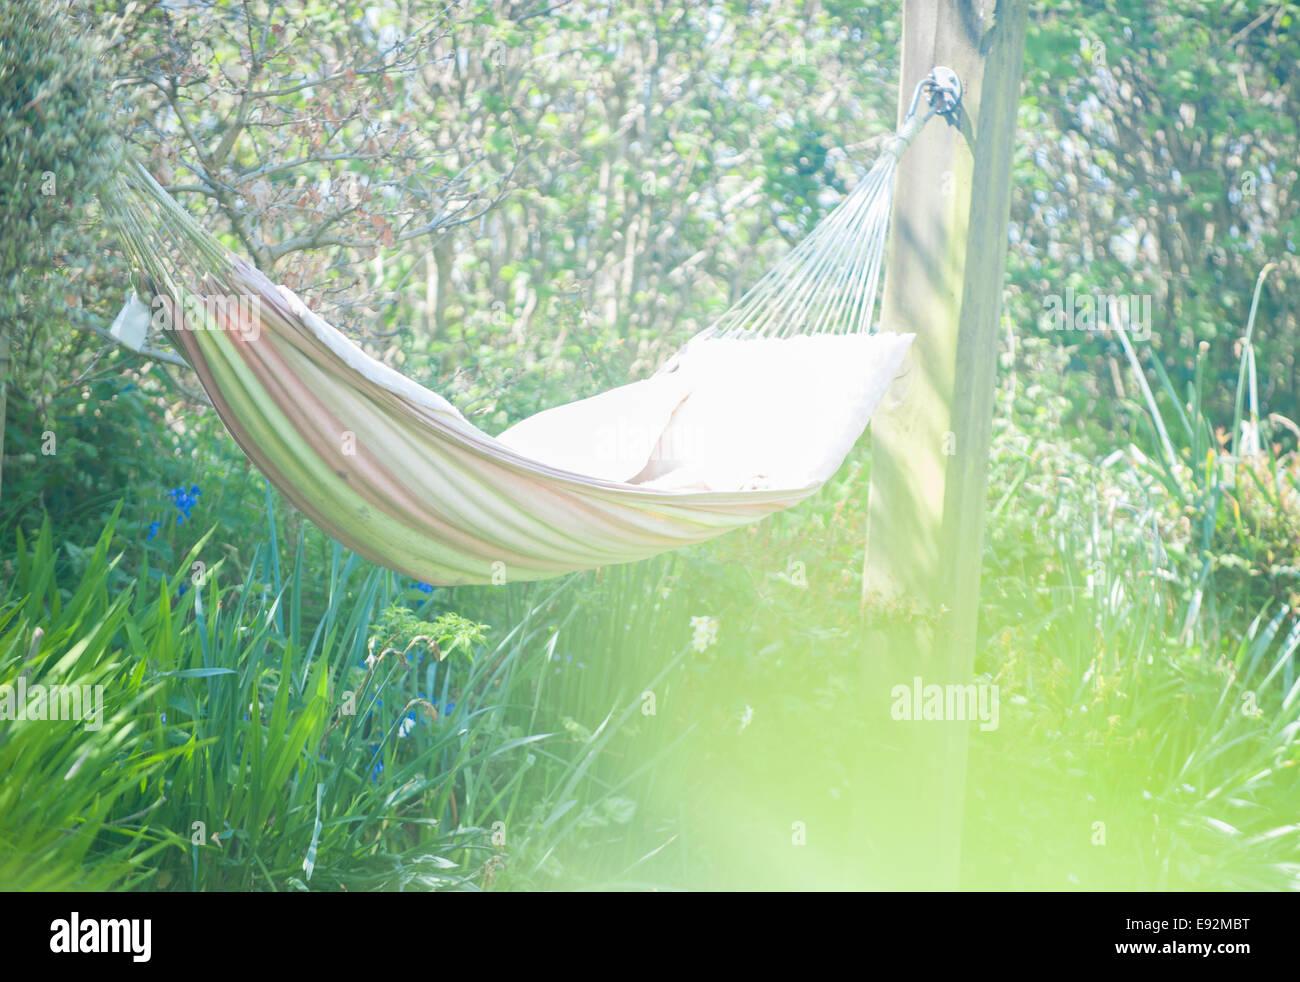 Hammock hanging in garden - Stock Image